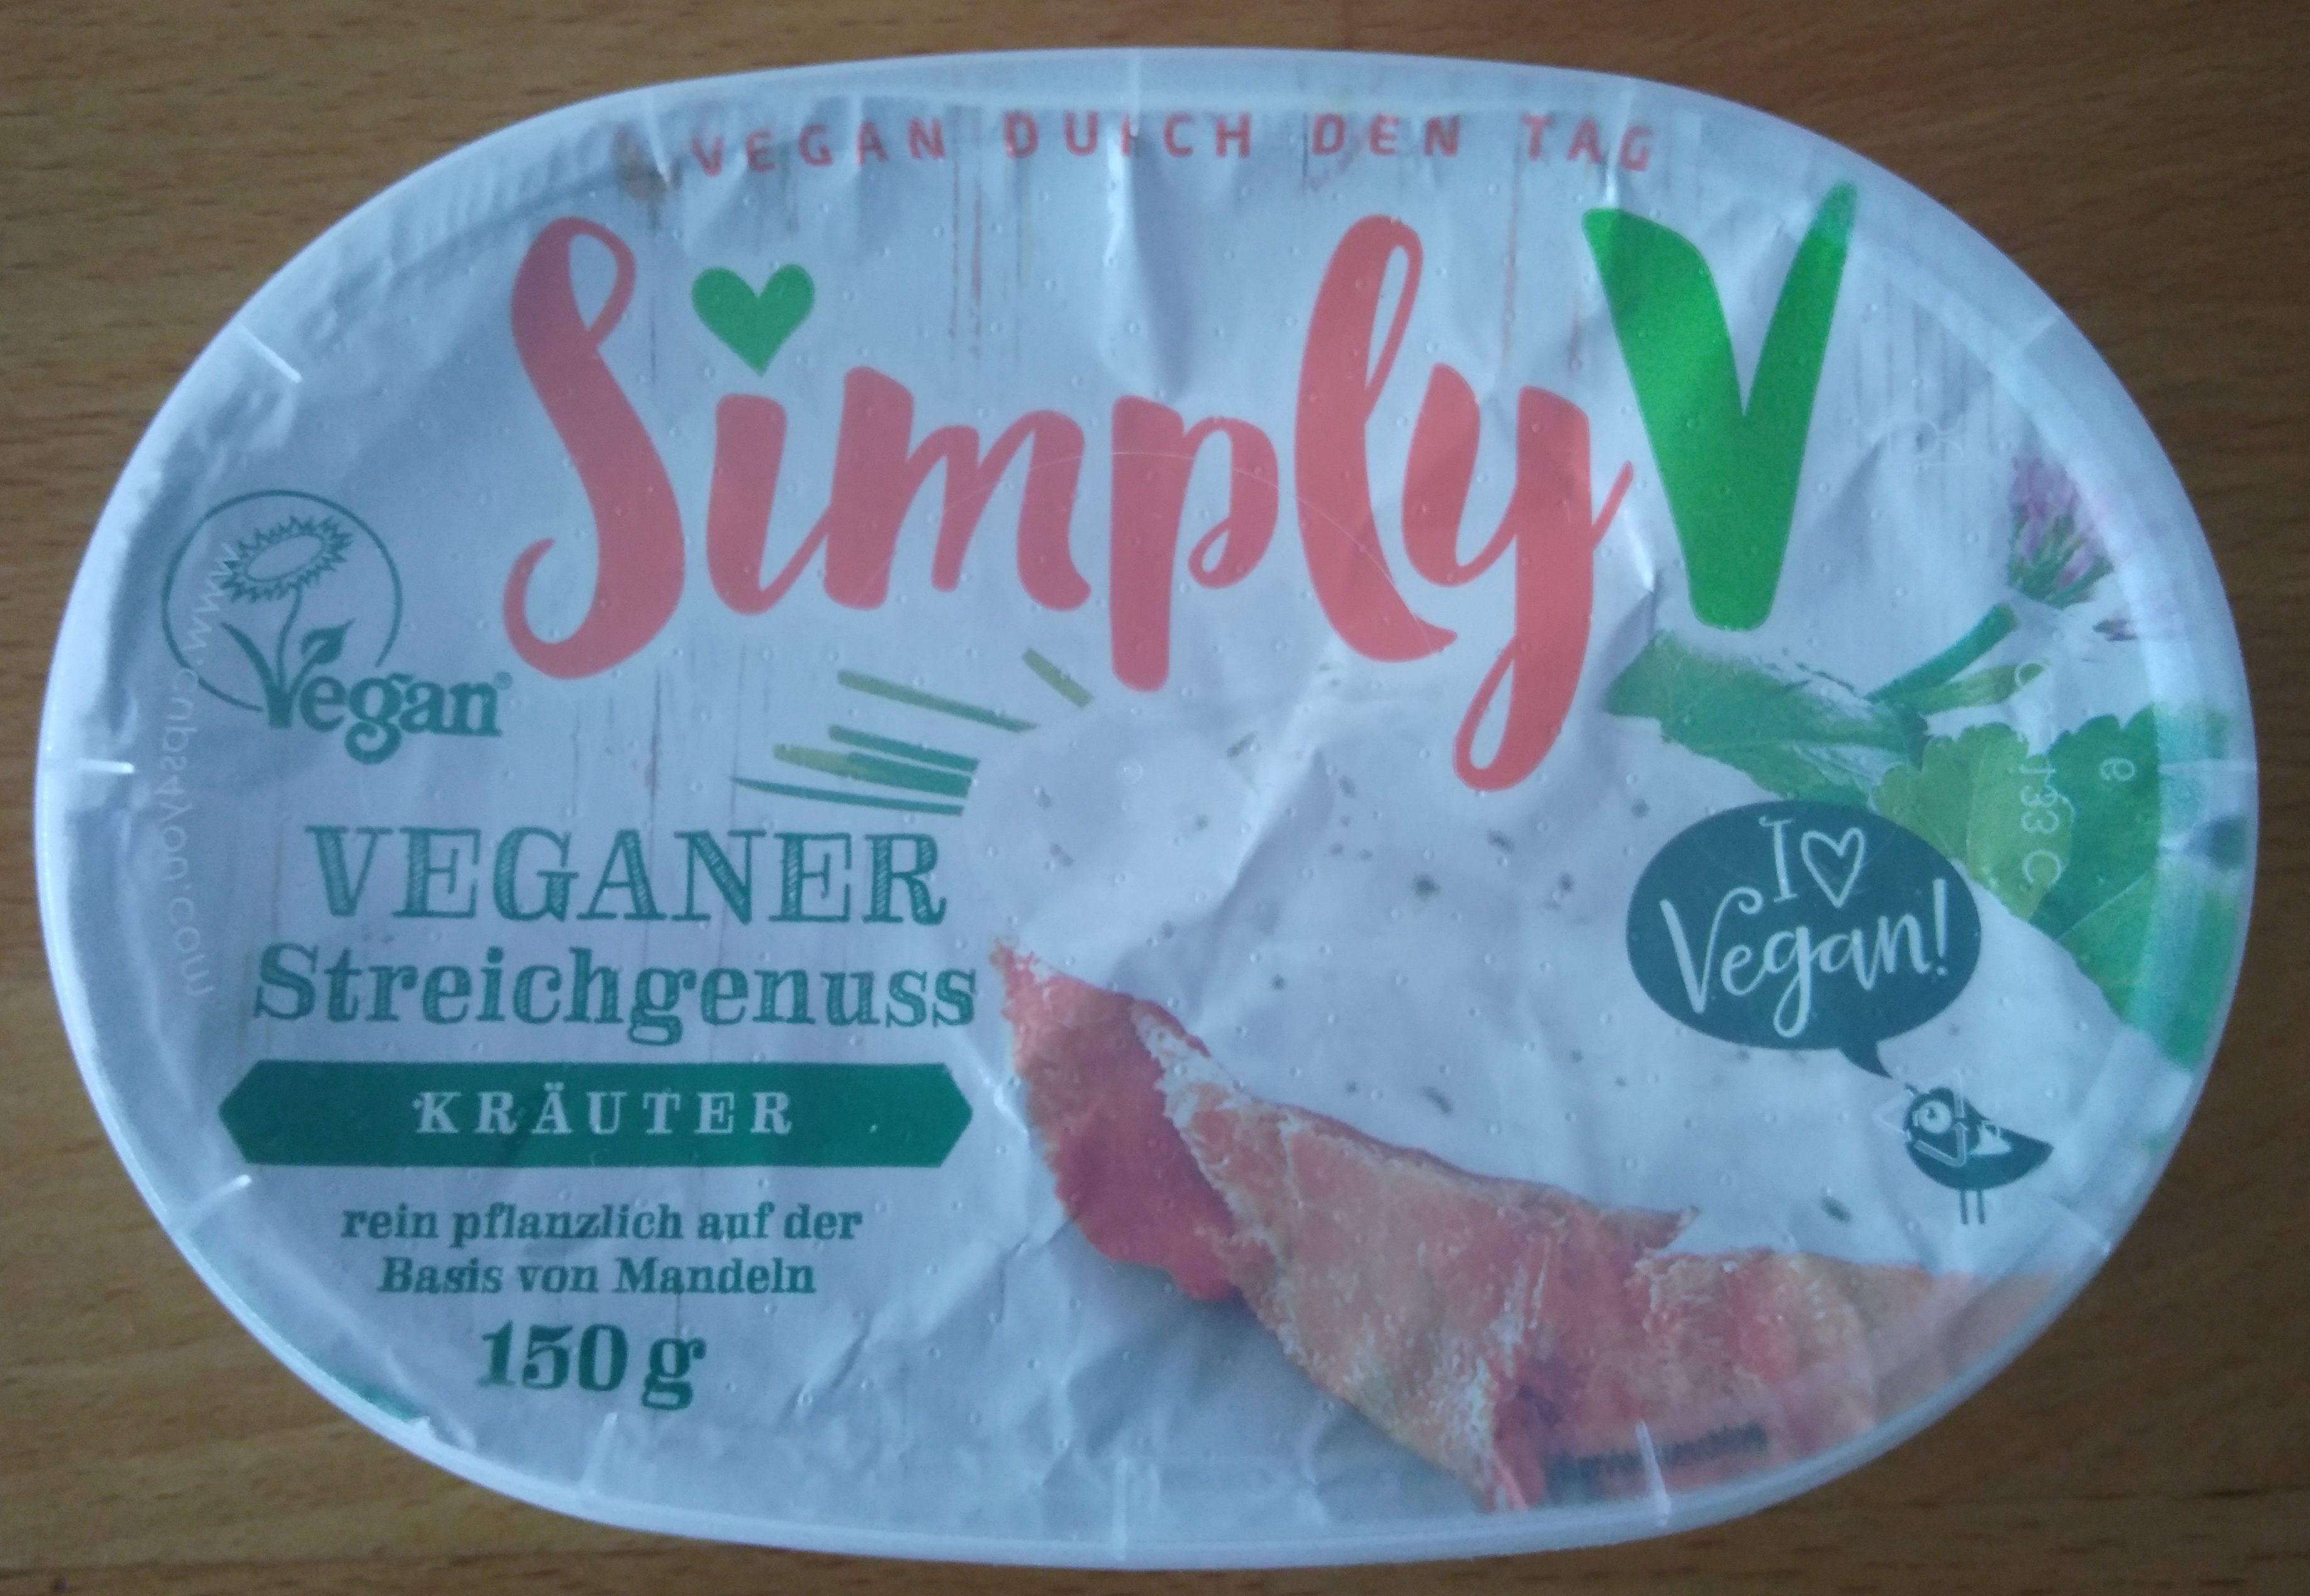 Veganer Streichgenuss Kräuter - Produit